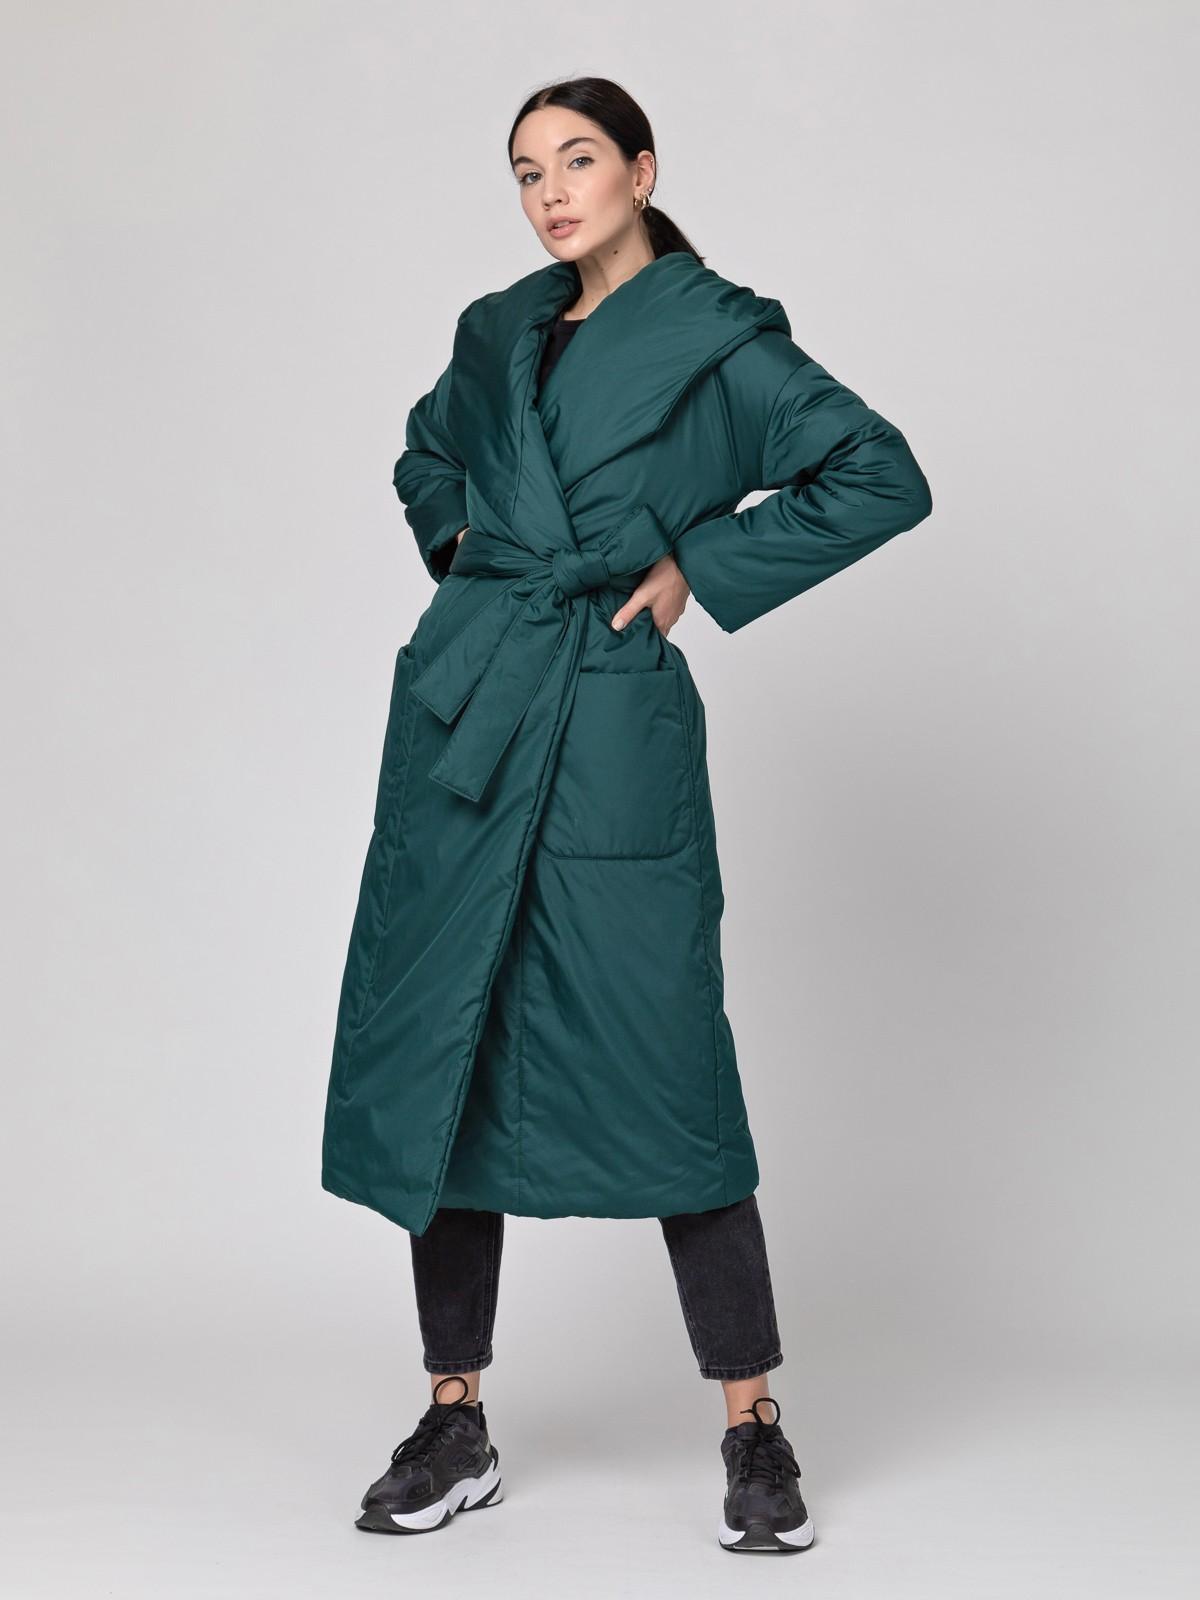 Пуховик-одеяло c капюшоном Emerald PHM0233